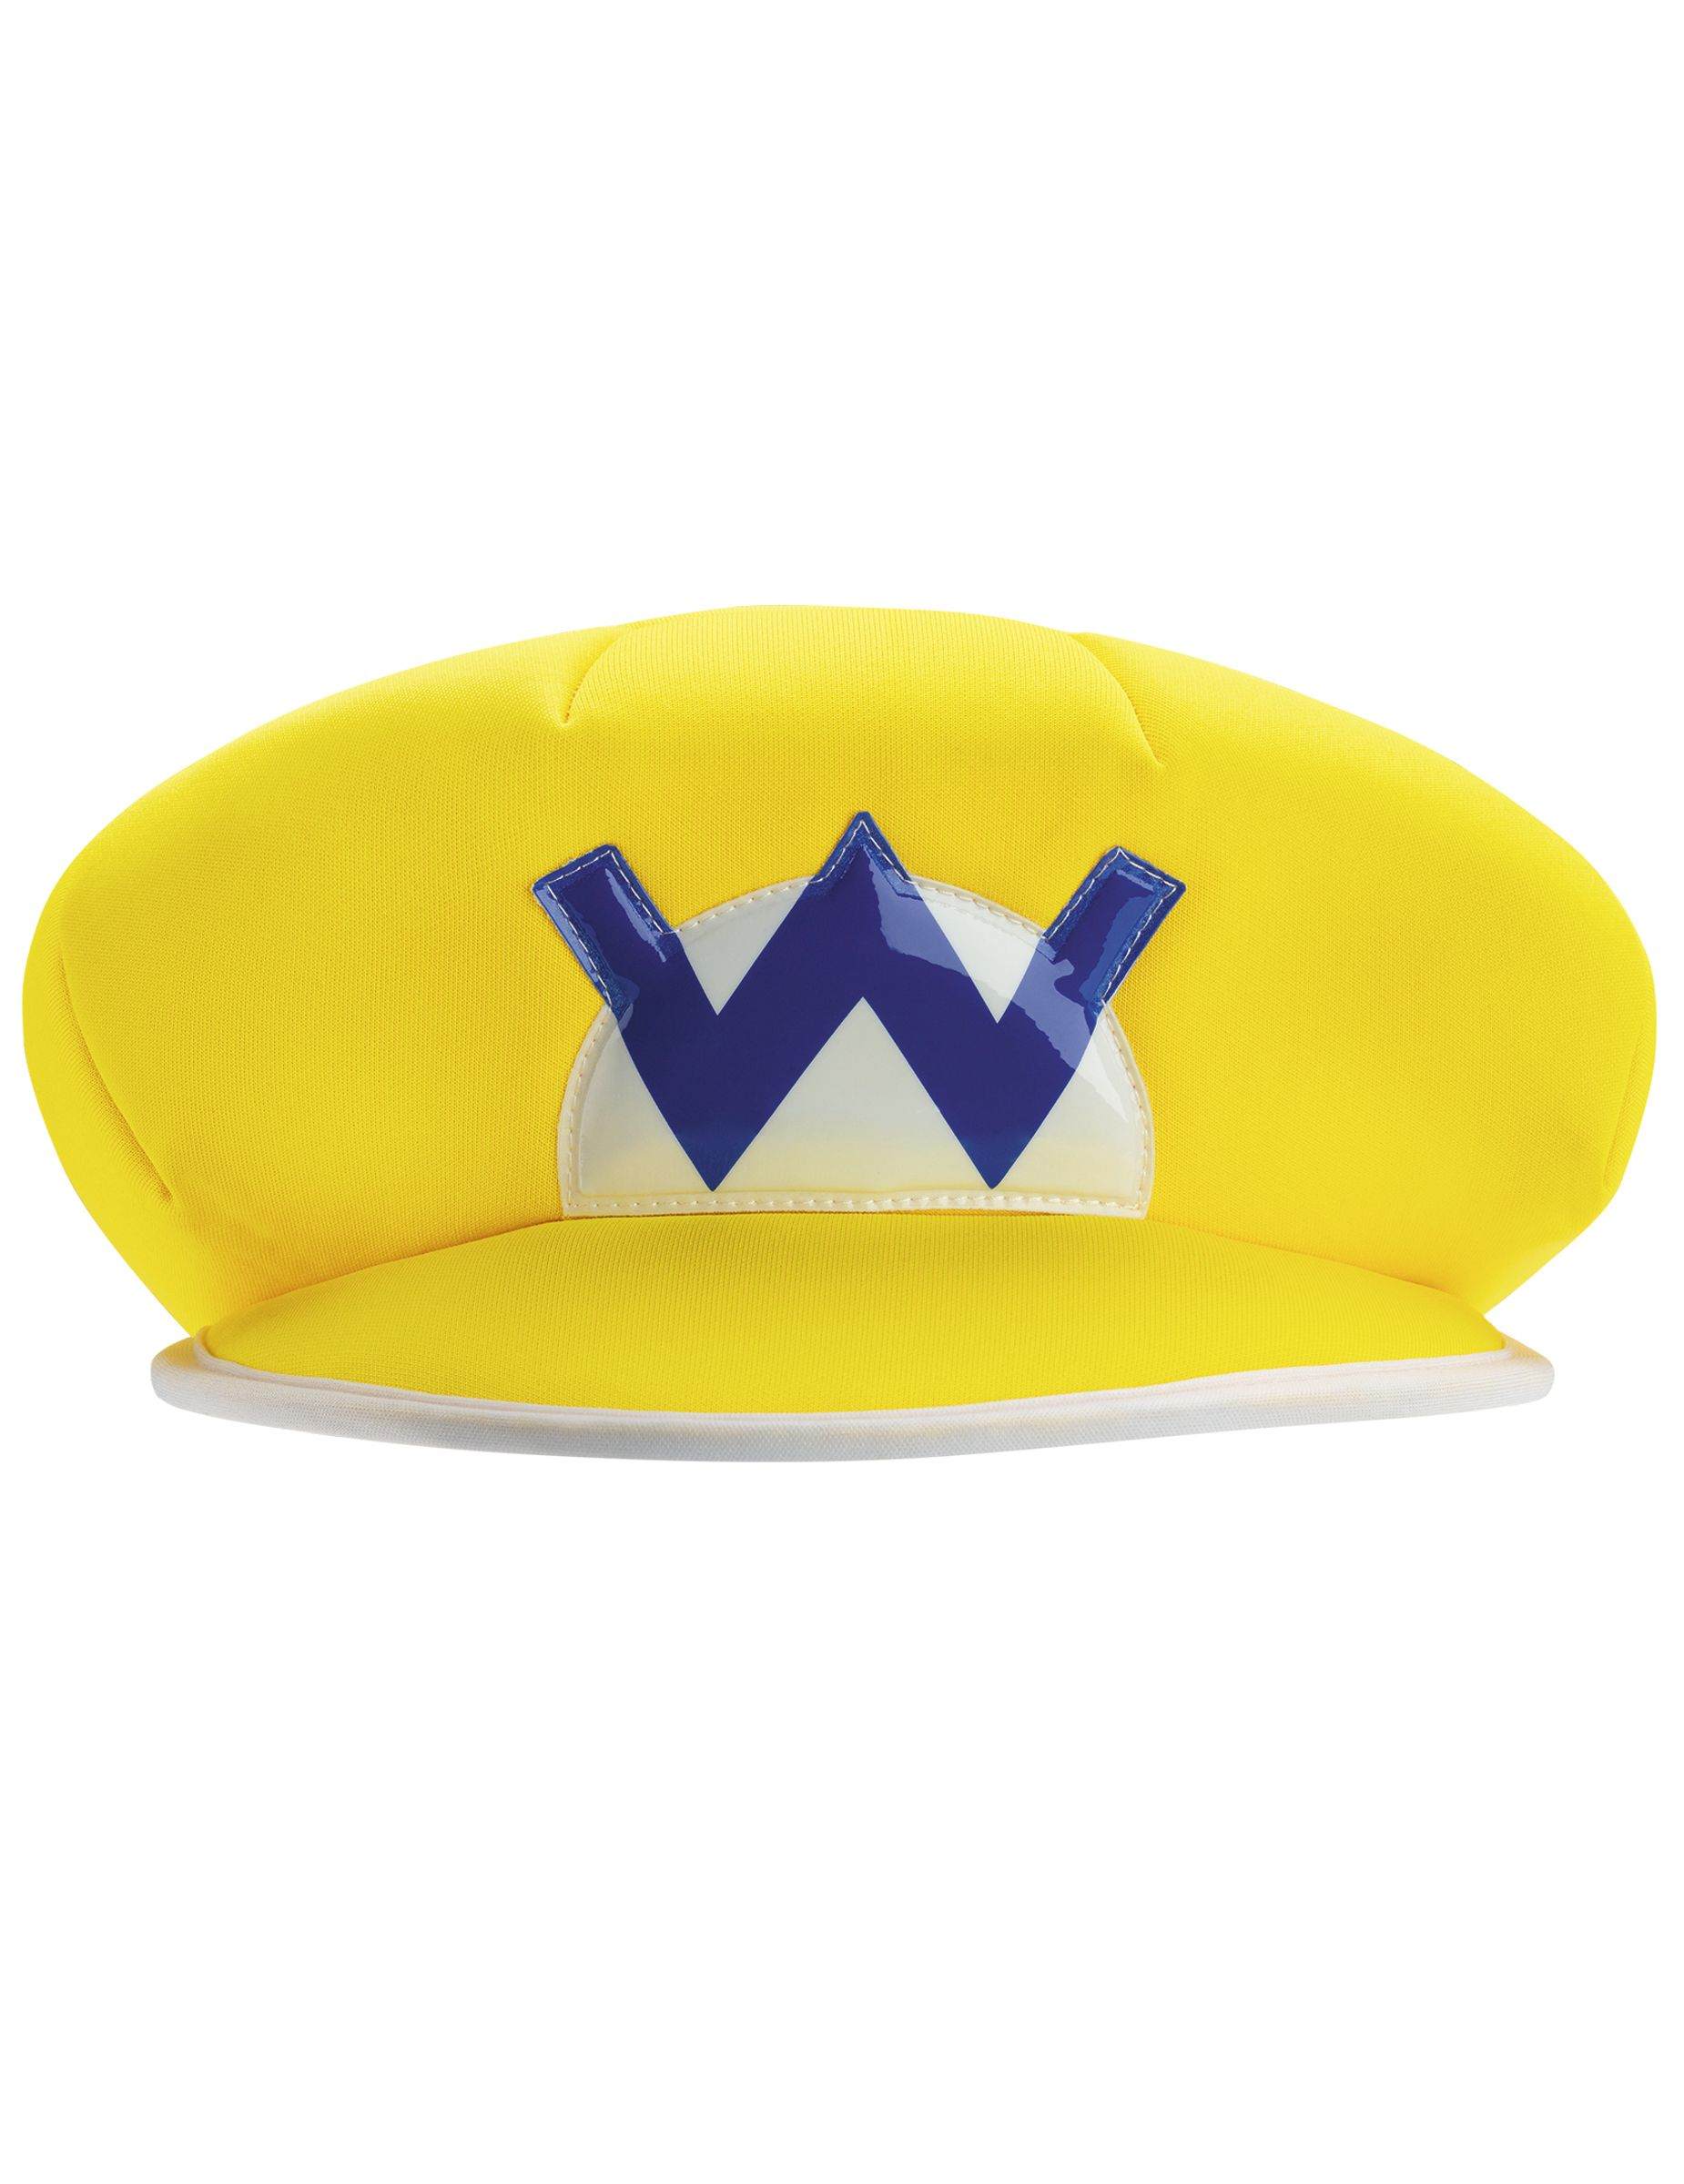 ac9eb6a343c045 Wario-Kindermütze Nintendo®-Lizenzartikel gelb-blau , günstige Faschings  Accessoires & Zubehör